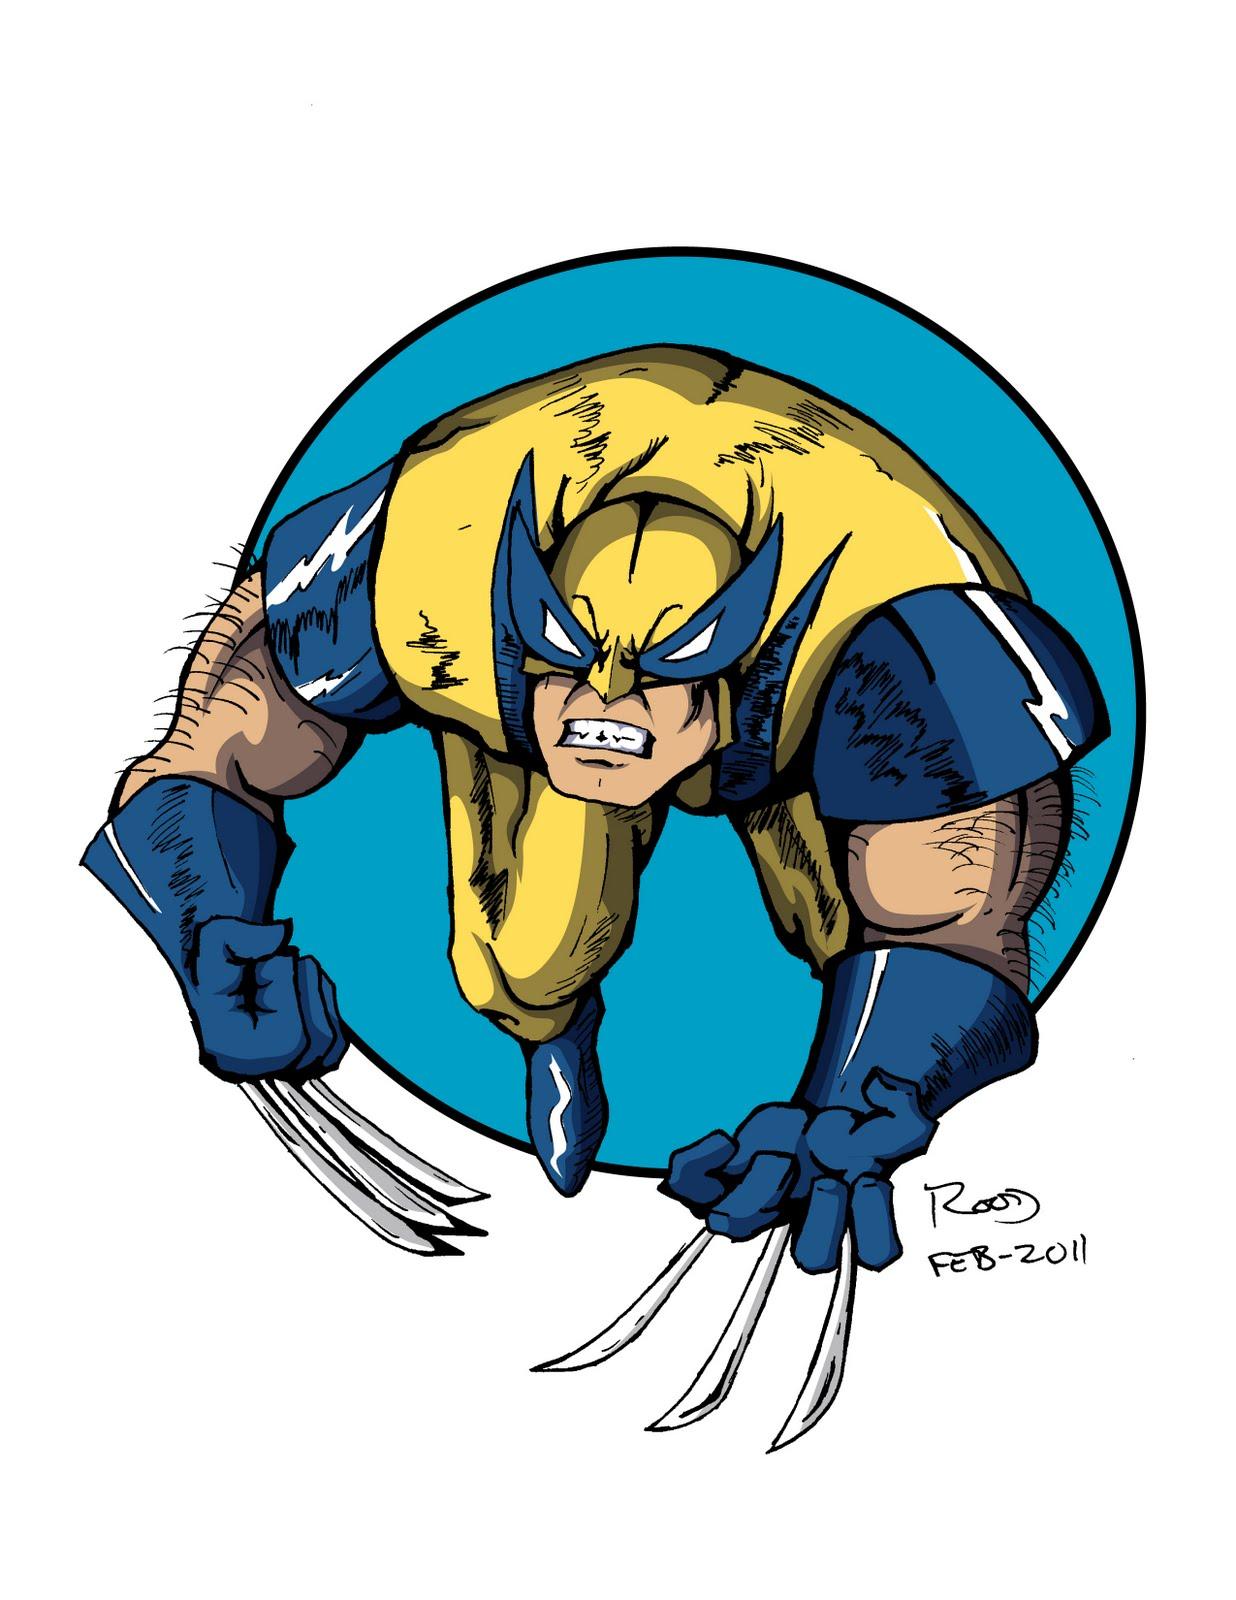 http://1.bp.blogspot.com/-6cjWAegy8DM/TYYUqK2gFPI/AAAAAAAAAmc/-atmO3V6zhM/s1600/Wolverine.jpg